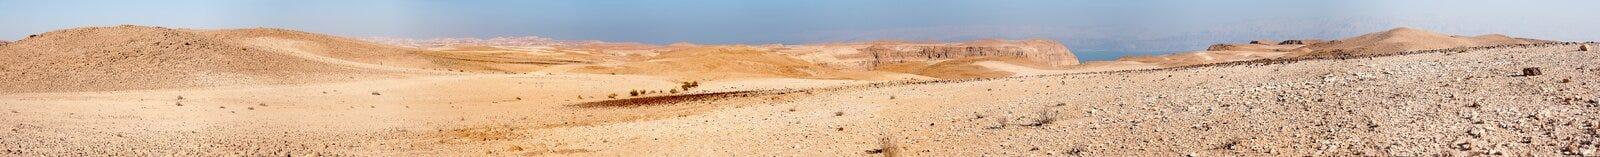 Каменная панорама пустыни стоковые фото